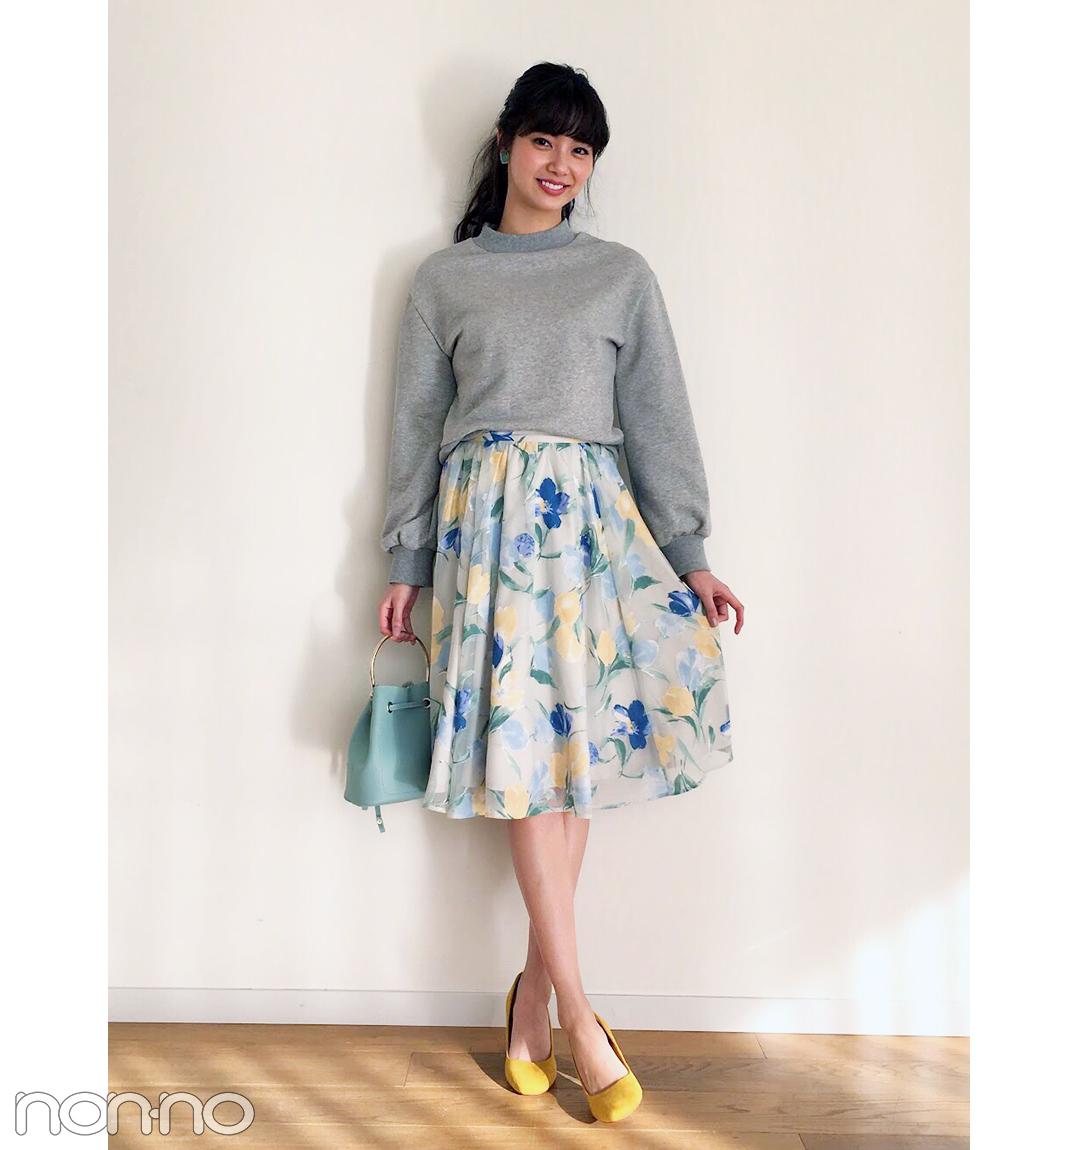 新川優愛の花柄スカートスタイルが可愛すぎる!【毎日コーデ】_1_1